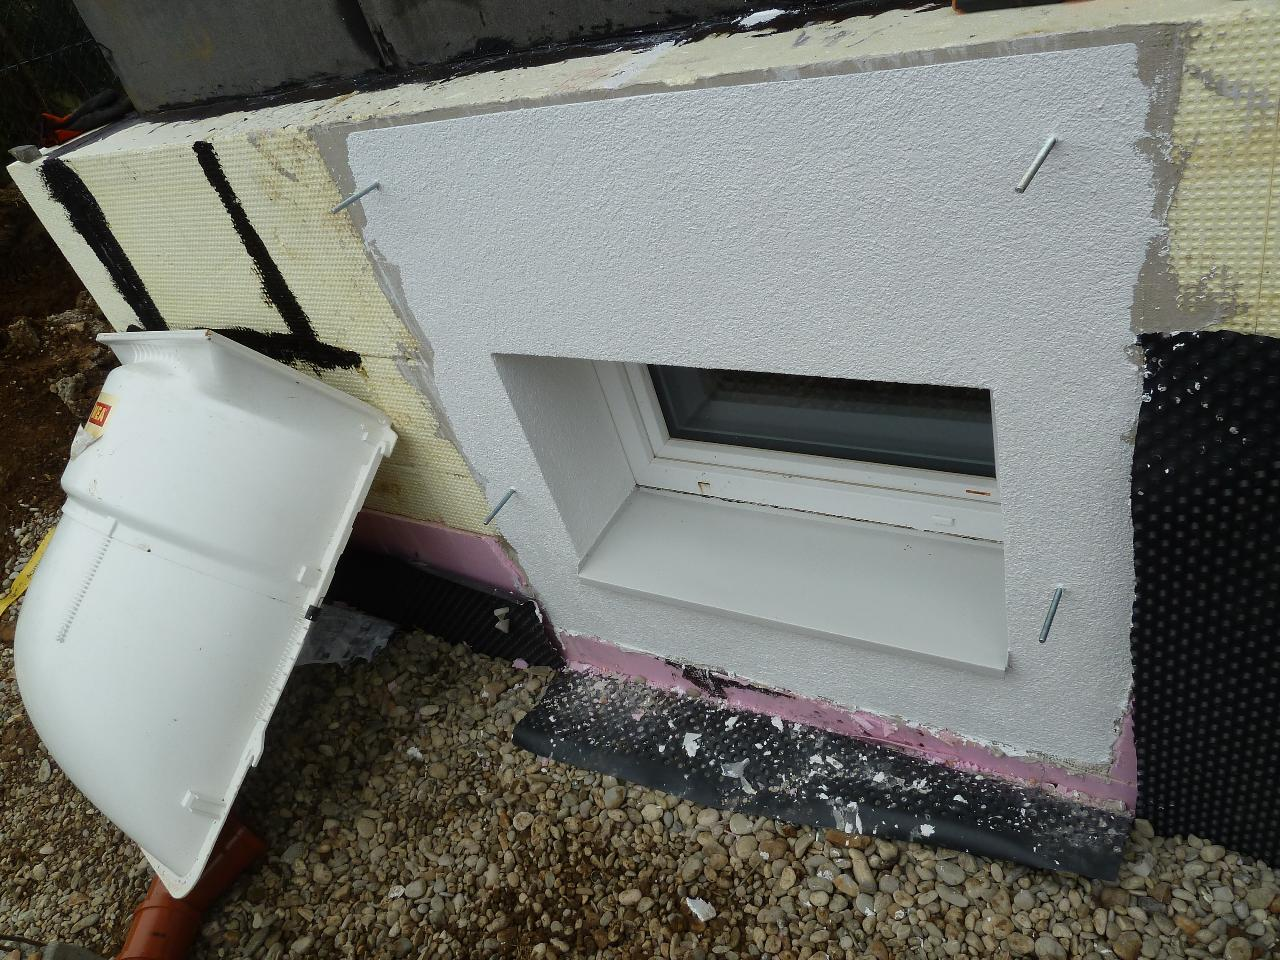 Bevorzugt Welche Kellerfenster bzw. Lichtschächte | Fensterforum auf SI63